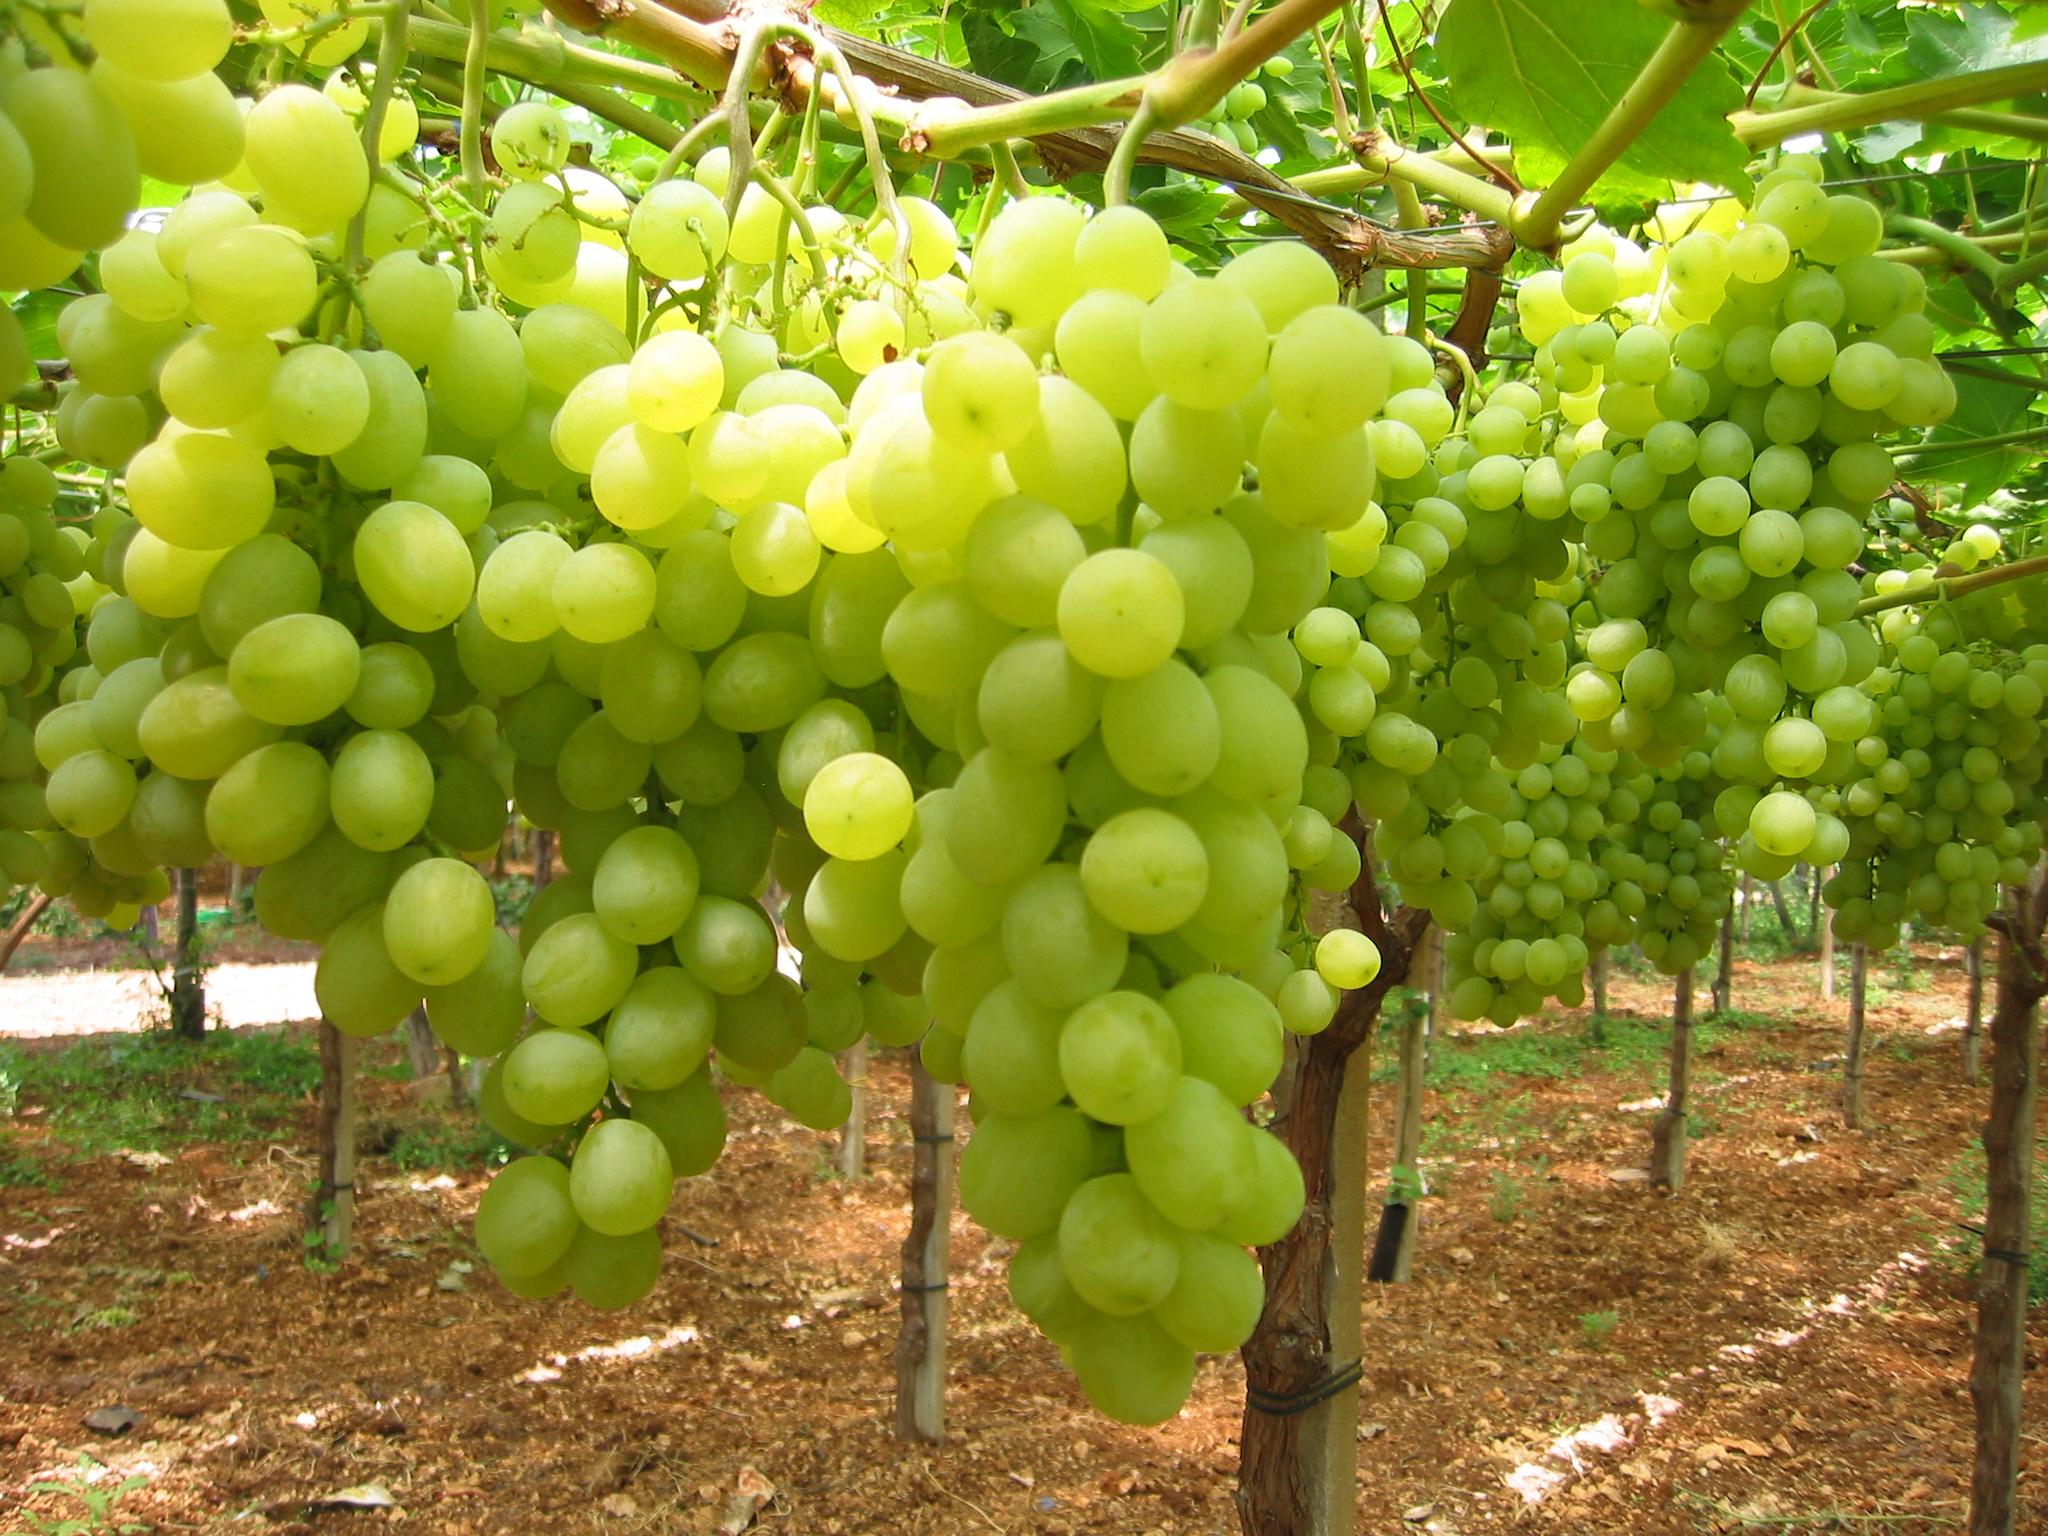 Uva da tavola giuliano al settore serve uno come - Piante uva da tavola ...